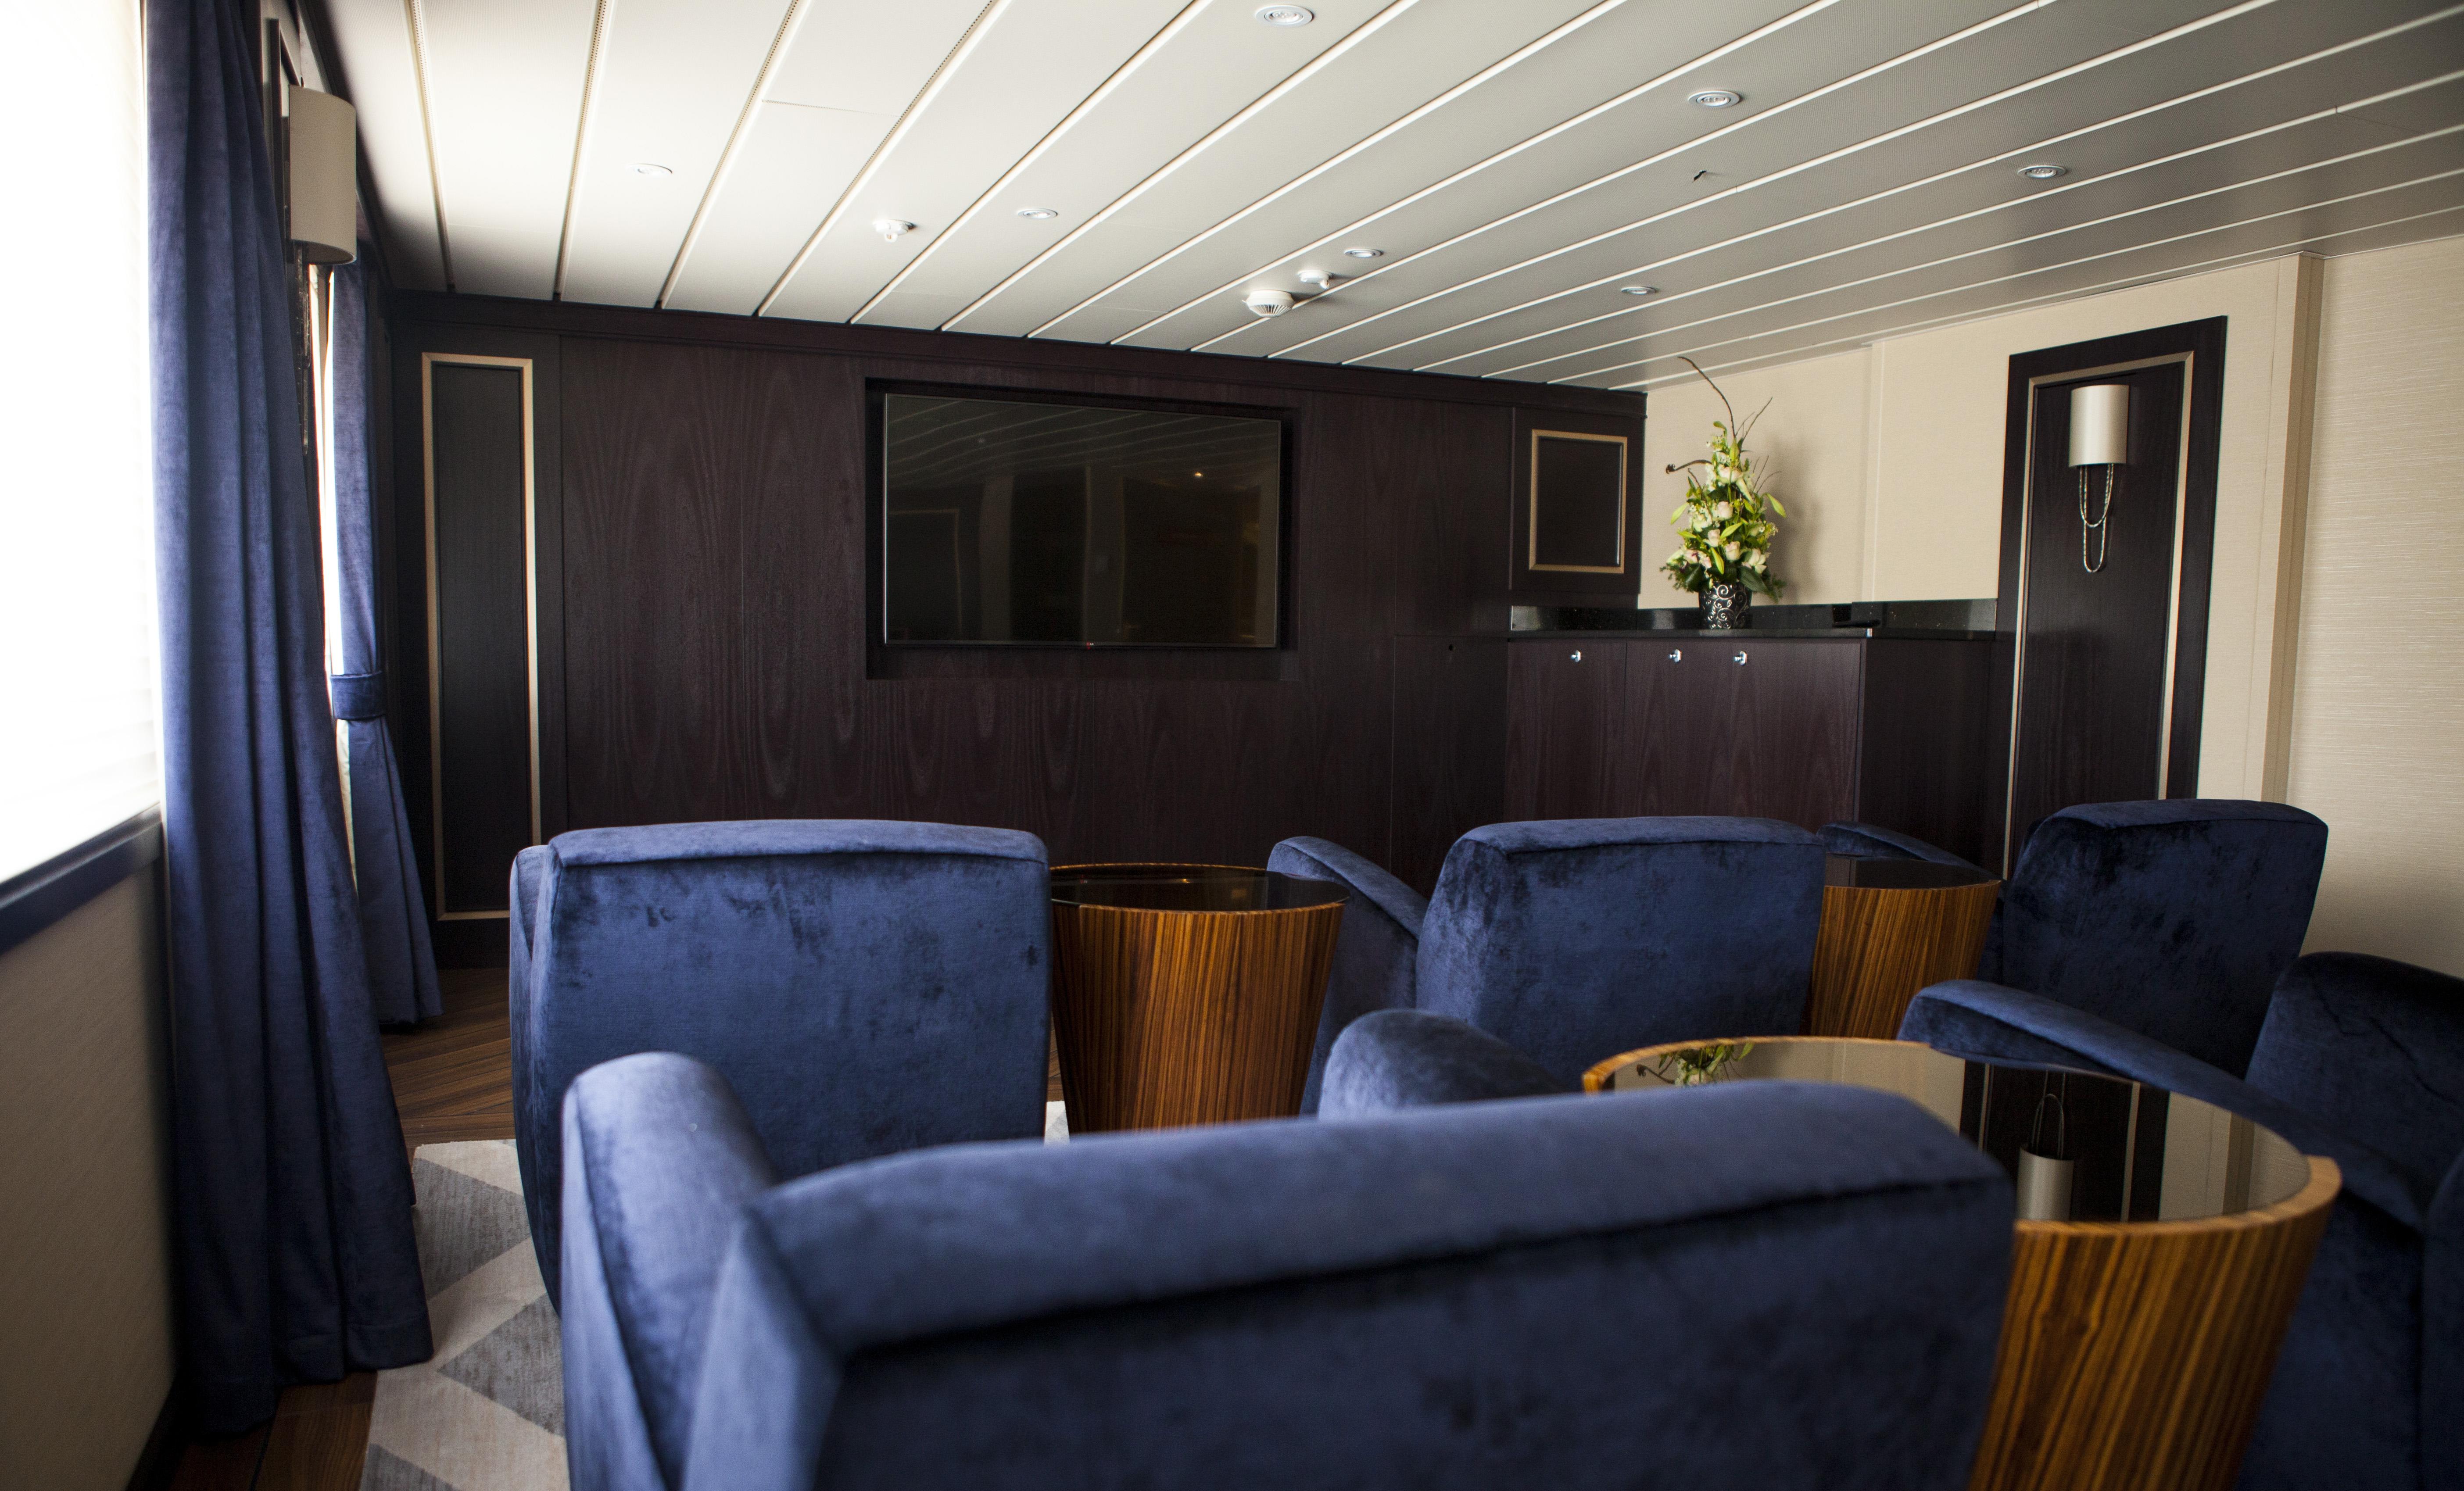 Windstar Star Breeze Interior Screening Room 2.jpg